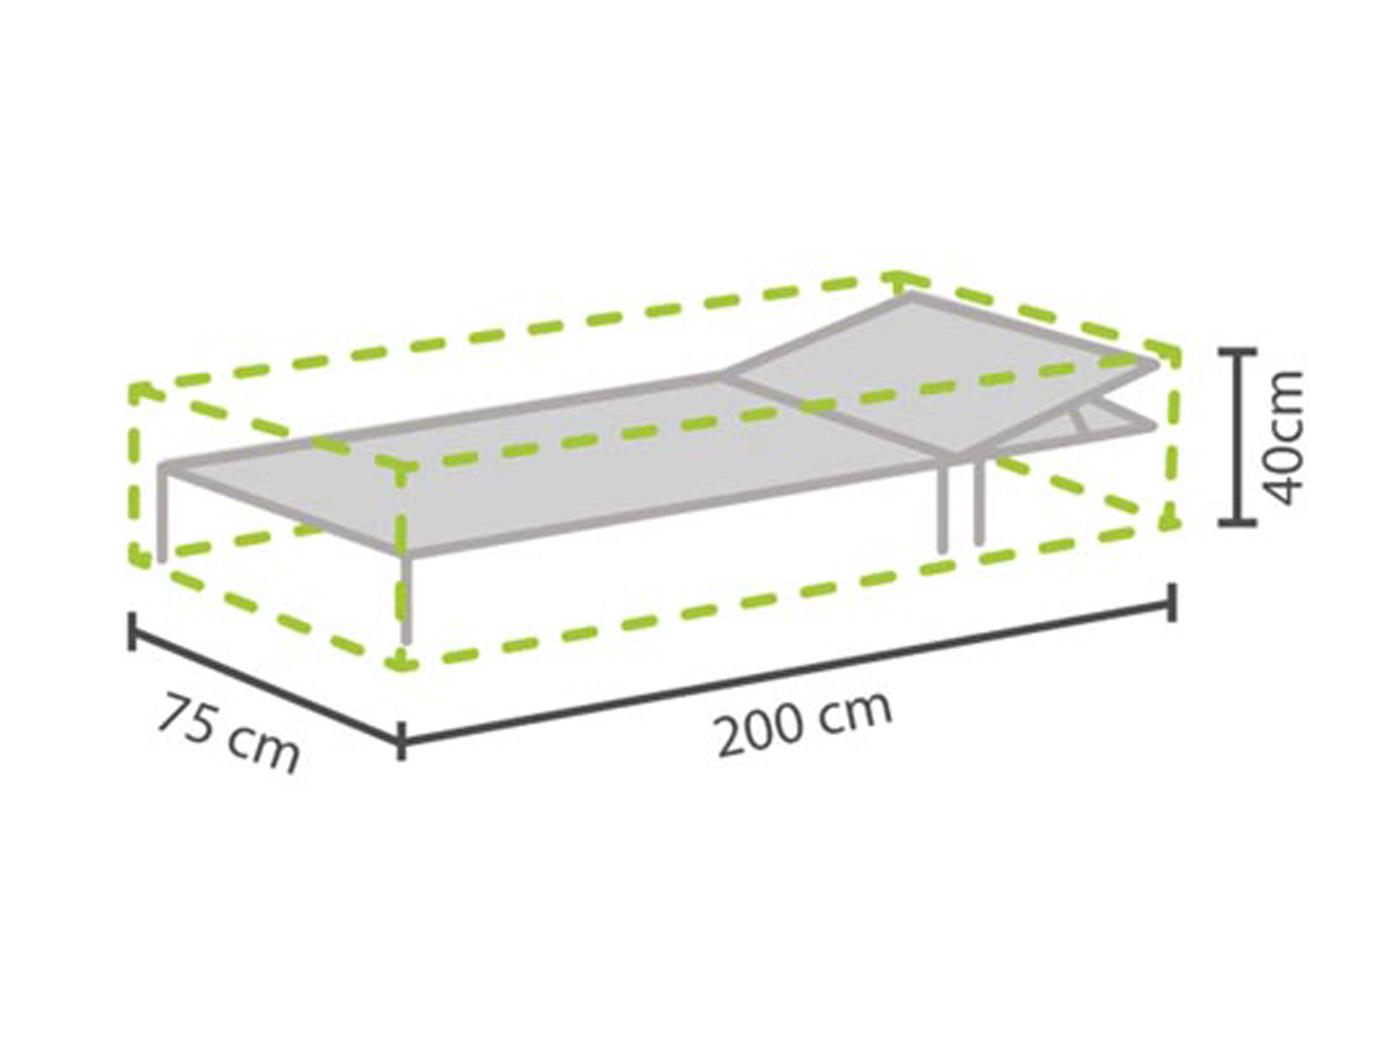 Gartenmöbel Schutzhülle Für Sonnenliege 200x75cm, Abdeckhaube Gartenliege  Liege